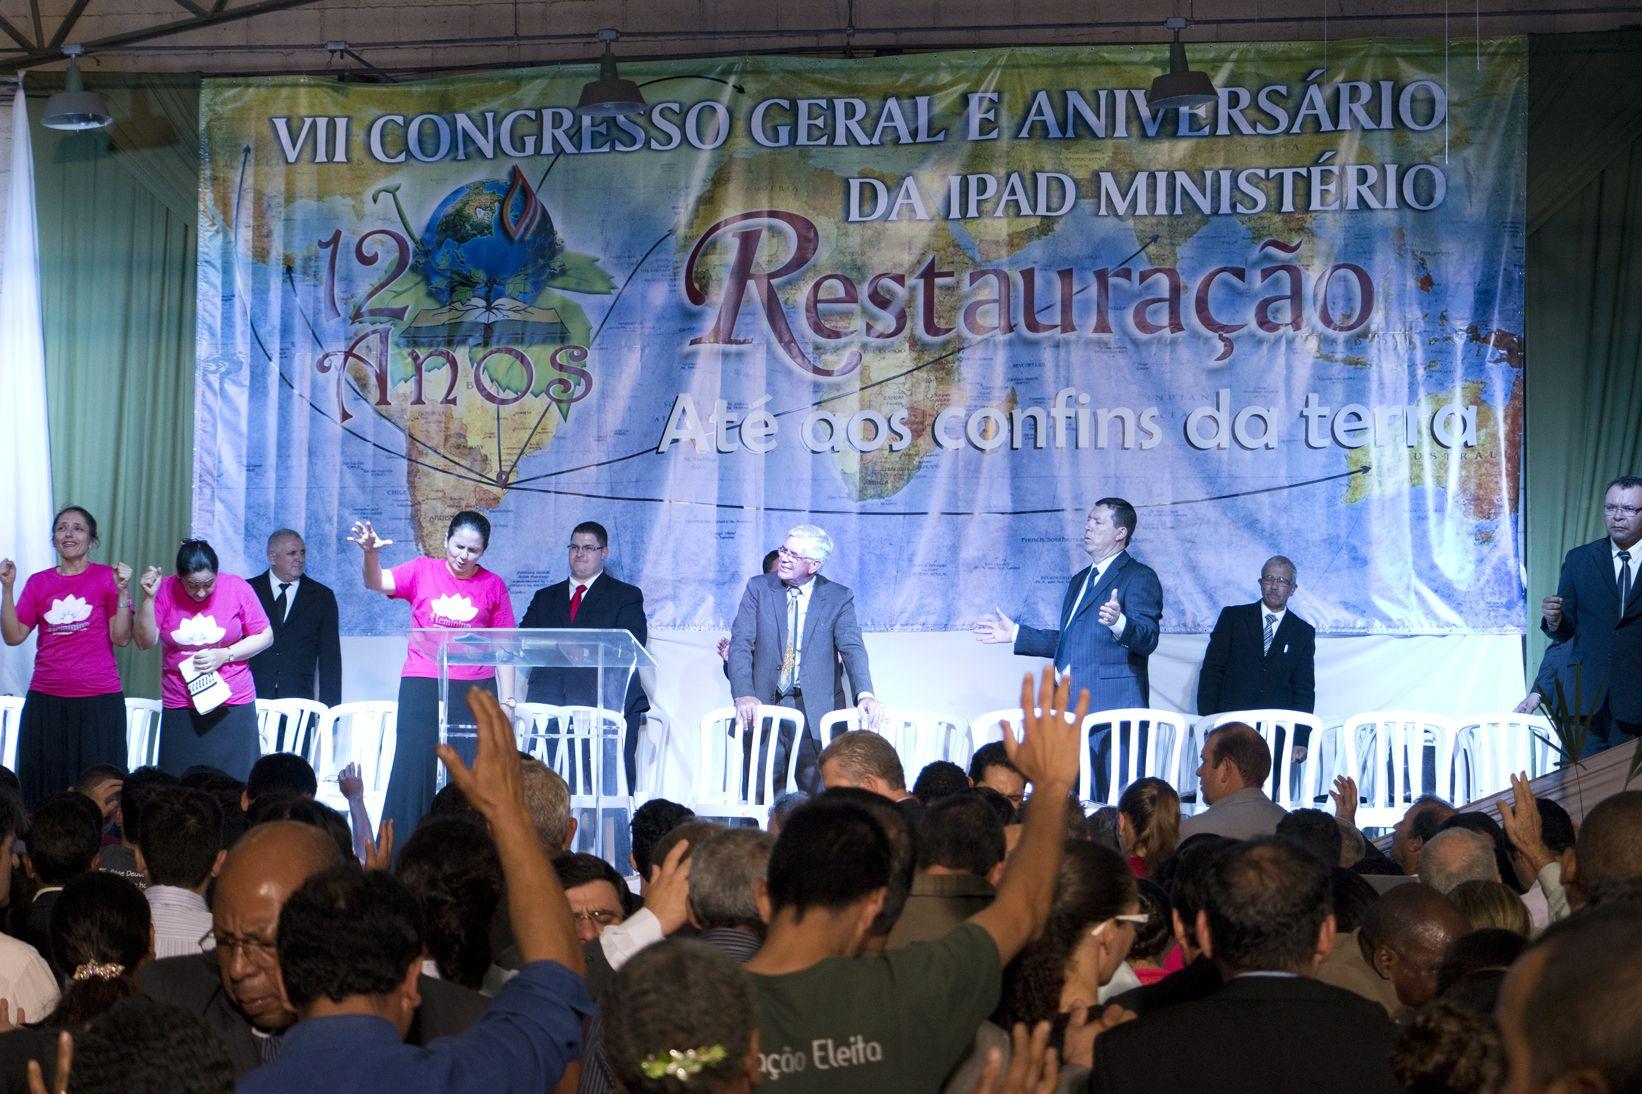 Congresso Geral 2016 - 2º Dia - 26.03.2016 (72)